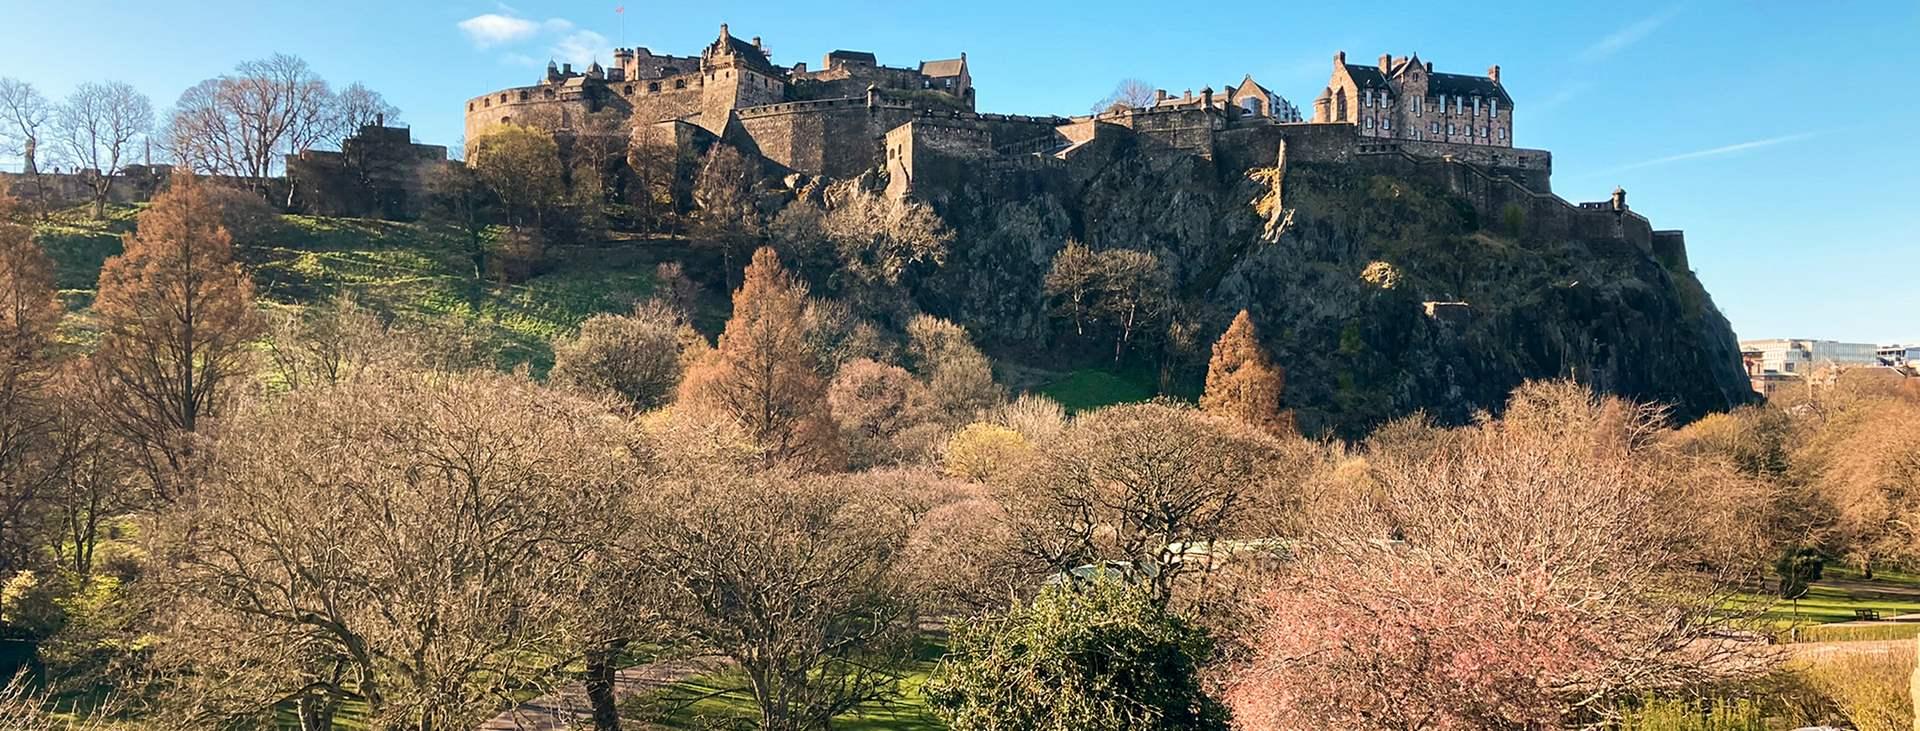 Upplev de skotska högländerna med Ving! Boka en resa till Edinburgh